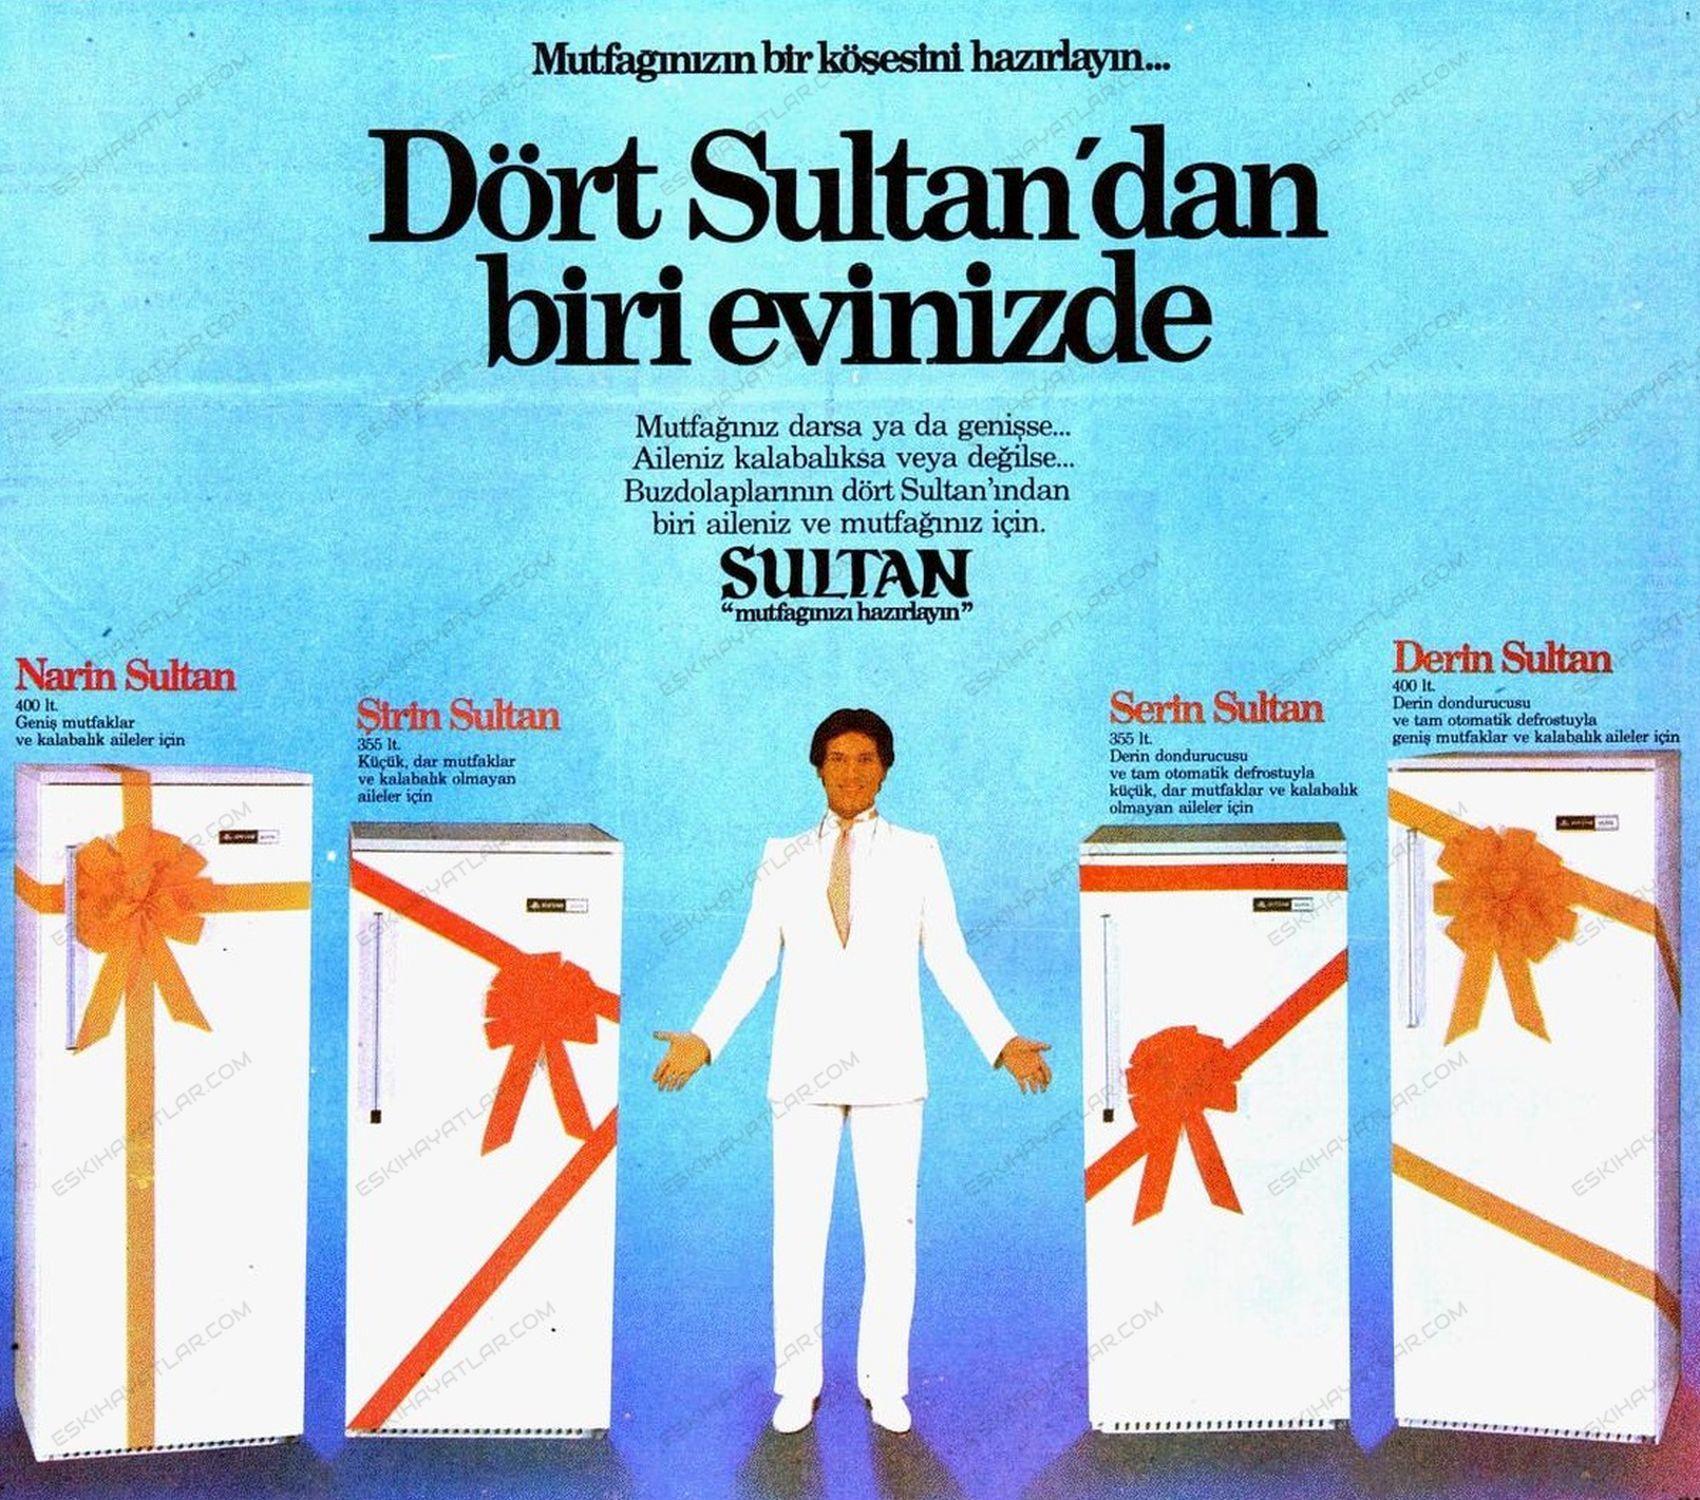 0173-sultan-buzdolabi-reklamlari-1981-narin-sultan-sirin-sultan-serin-sultan-derin-sultan